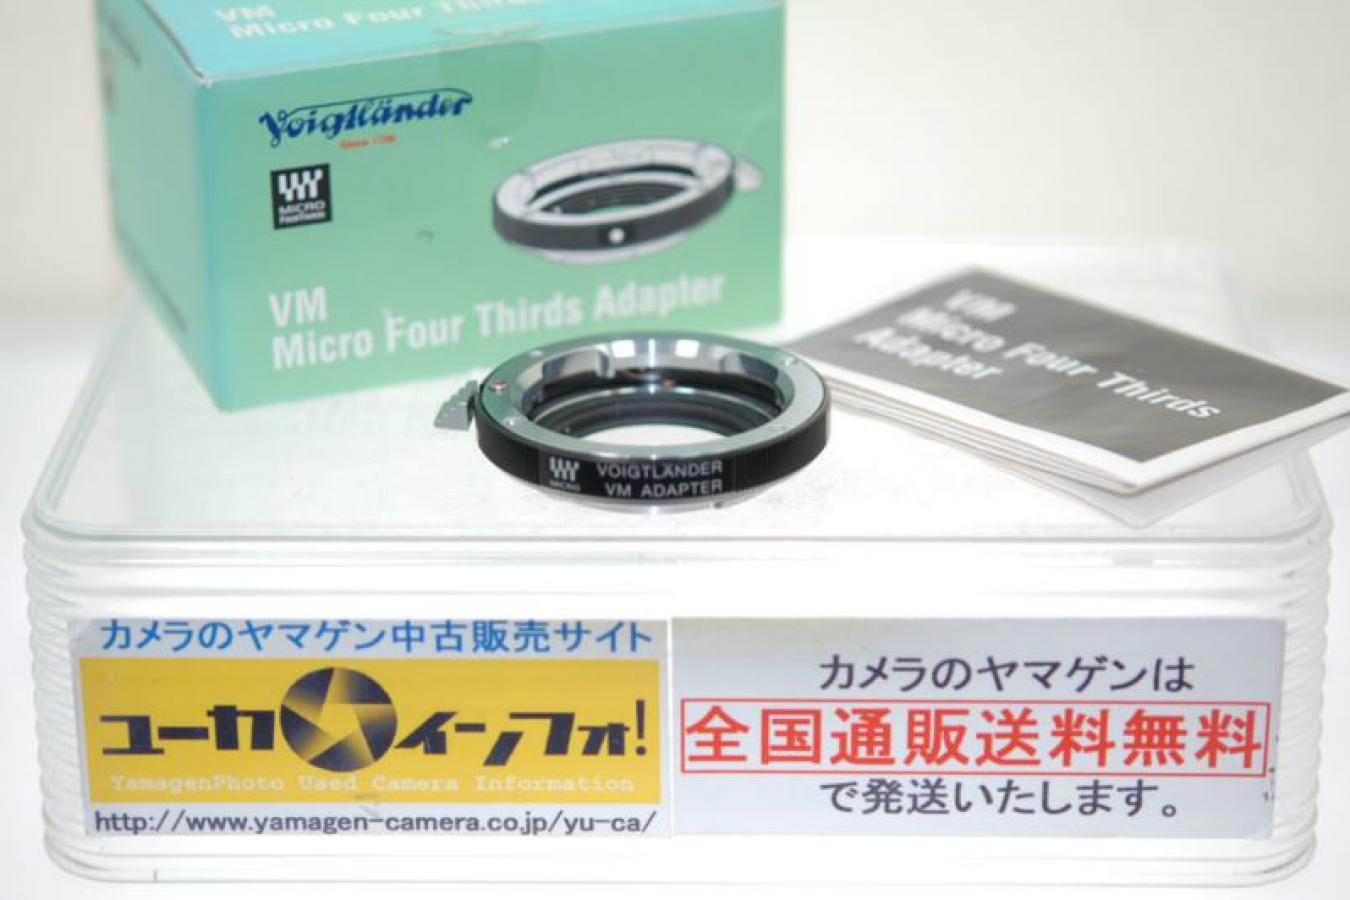 フォクトレンダー VM Micro Four Thirds Adapter 取説、元箱付 【ライカMマウント⇒マイクロフォーサーズマウント変換】